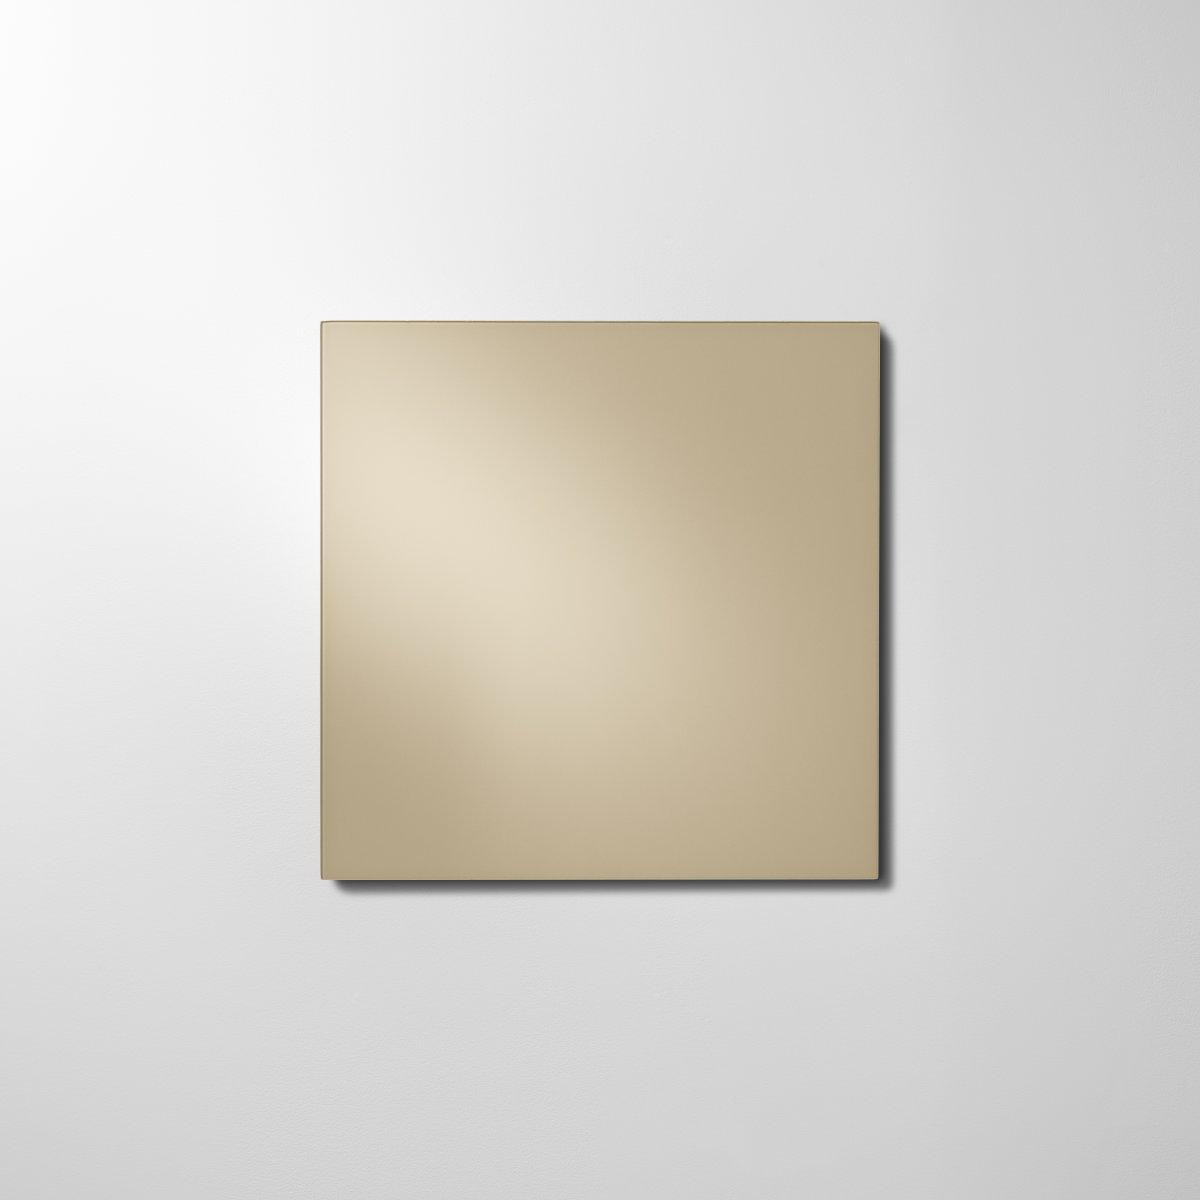 Lintex Mood Wall, 75 x 75 cm, gråbrun cozy